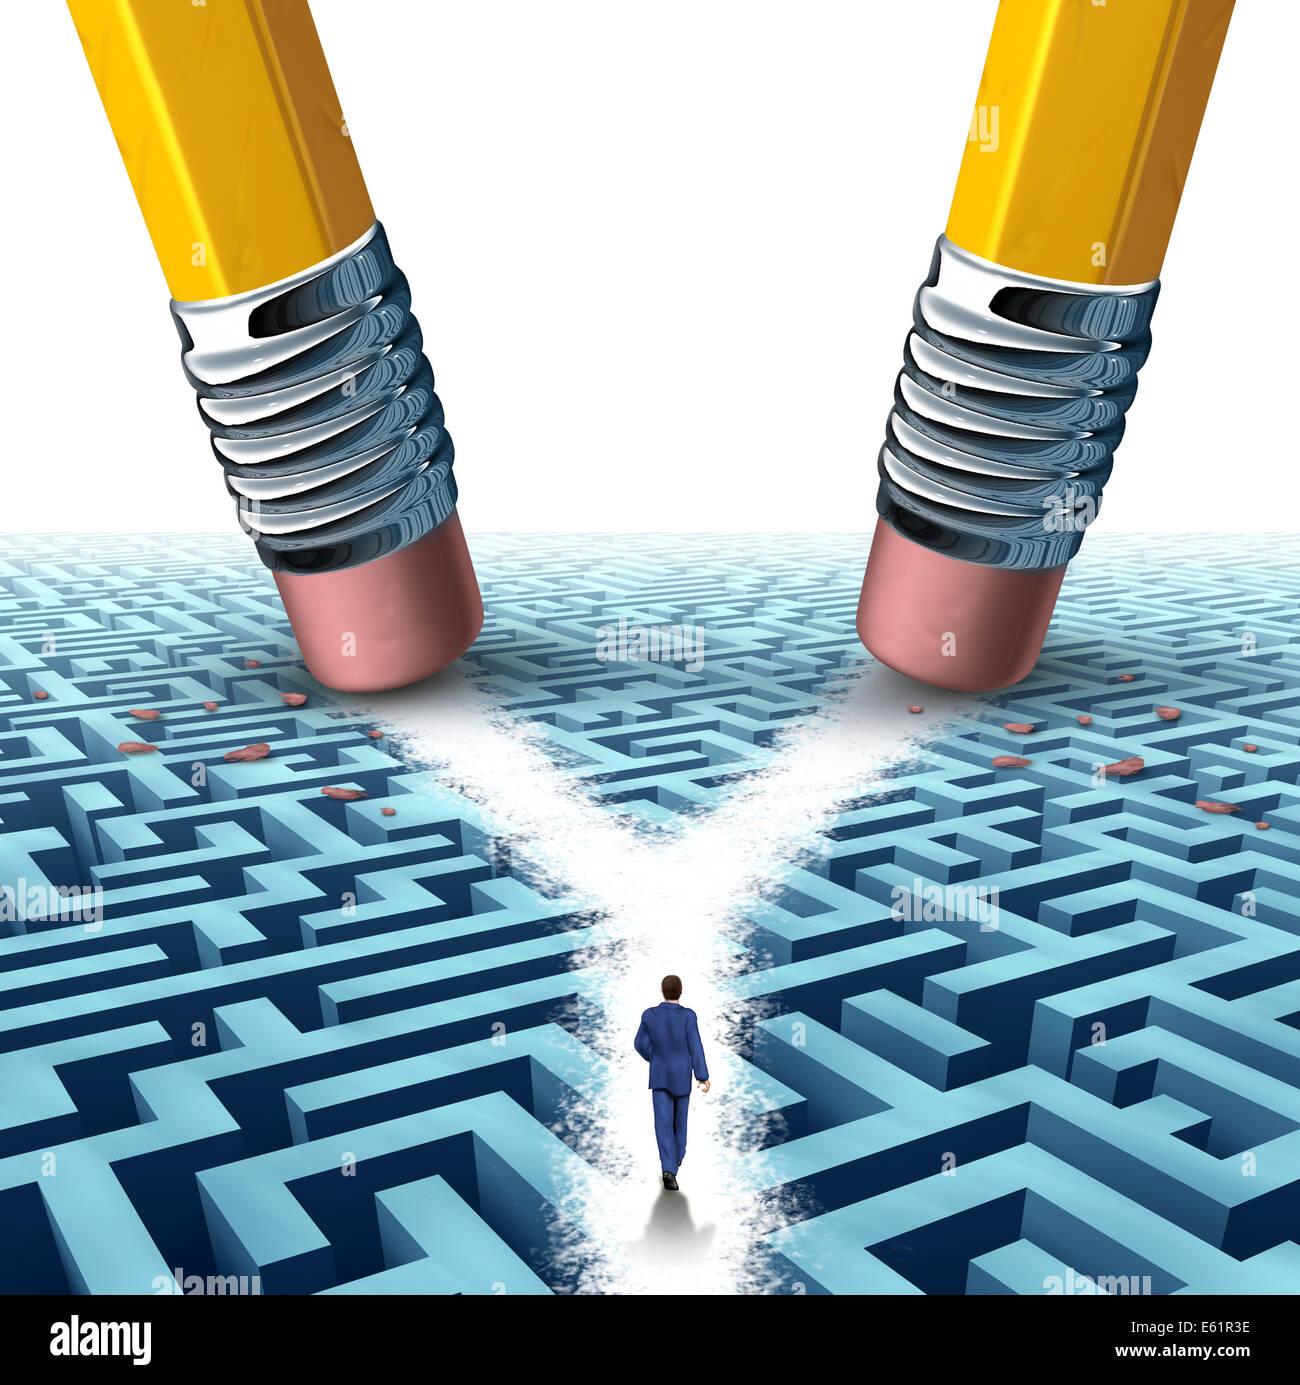 Carrefour de la solution business concept comme un labyrinthe labyrinthe en trois dimensions ou en cours d'effacement Photo Stock